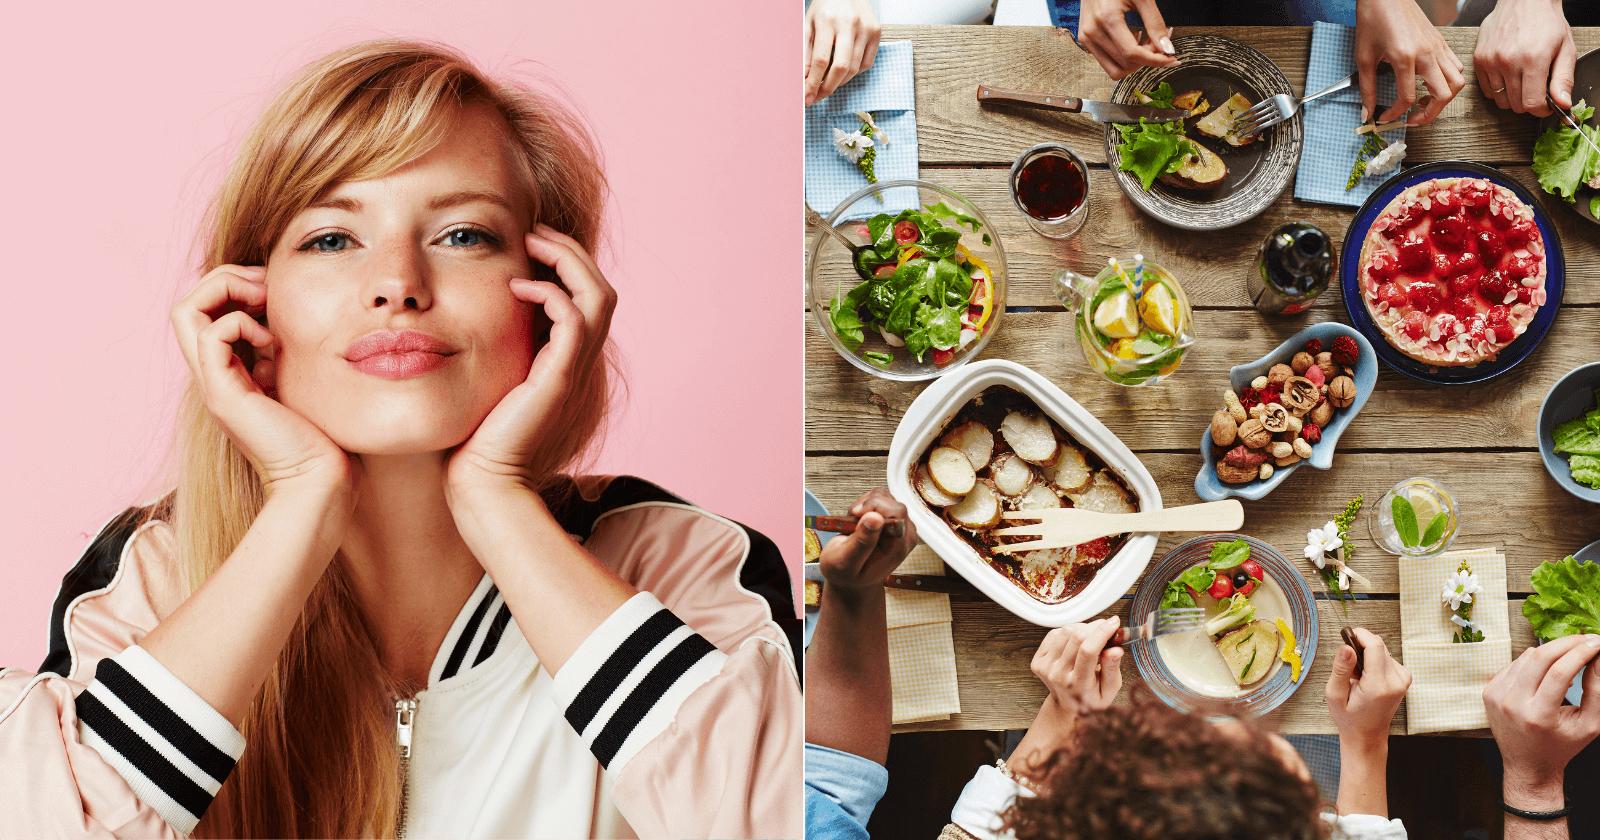 20 alimentos que te deixarão ainda mais BONITO (e acredite, mais sexy também!)